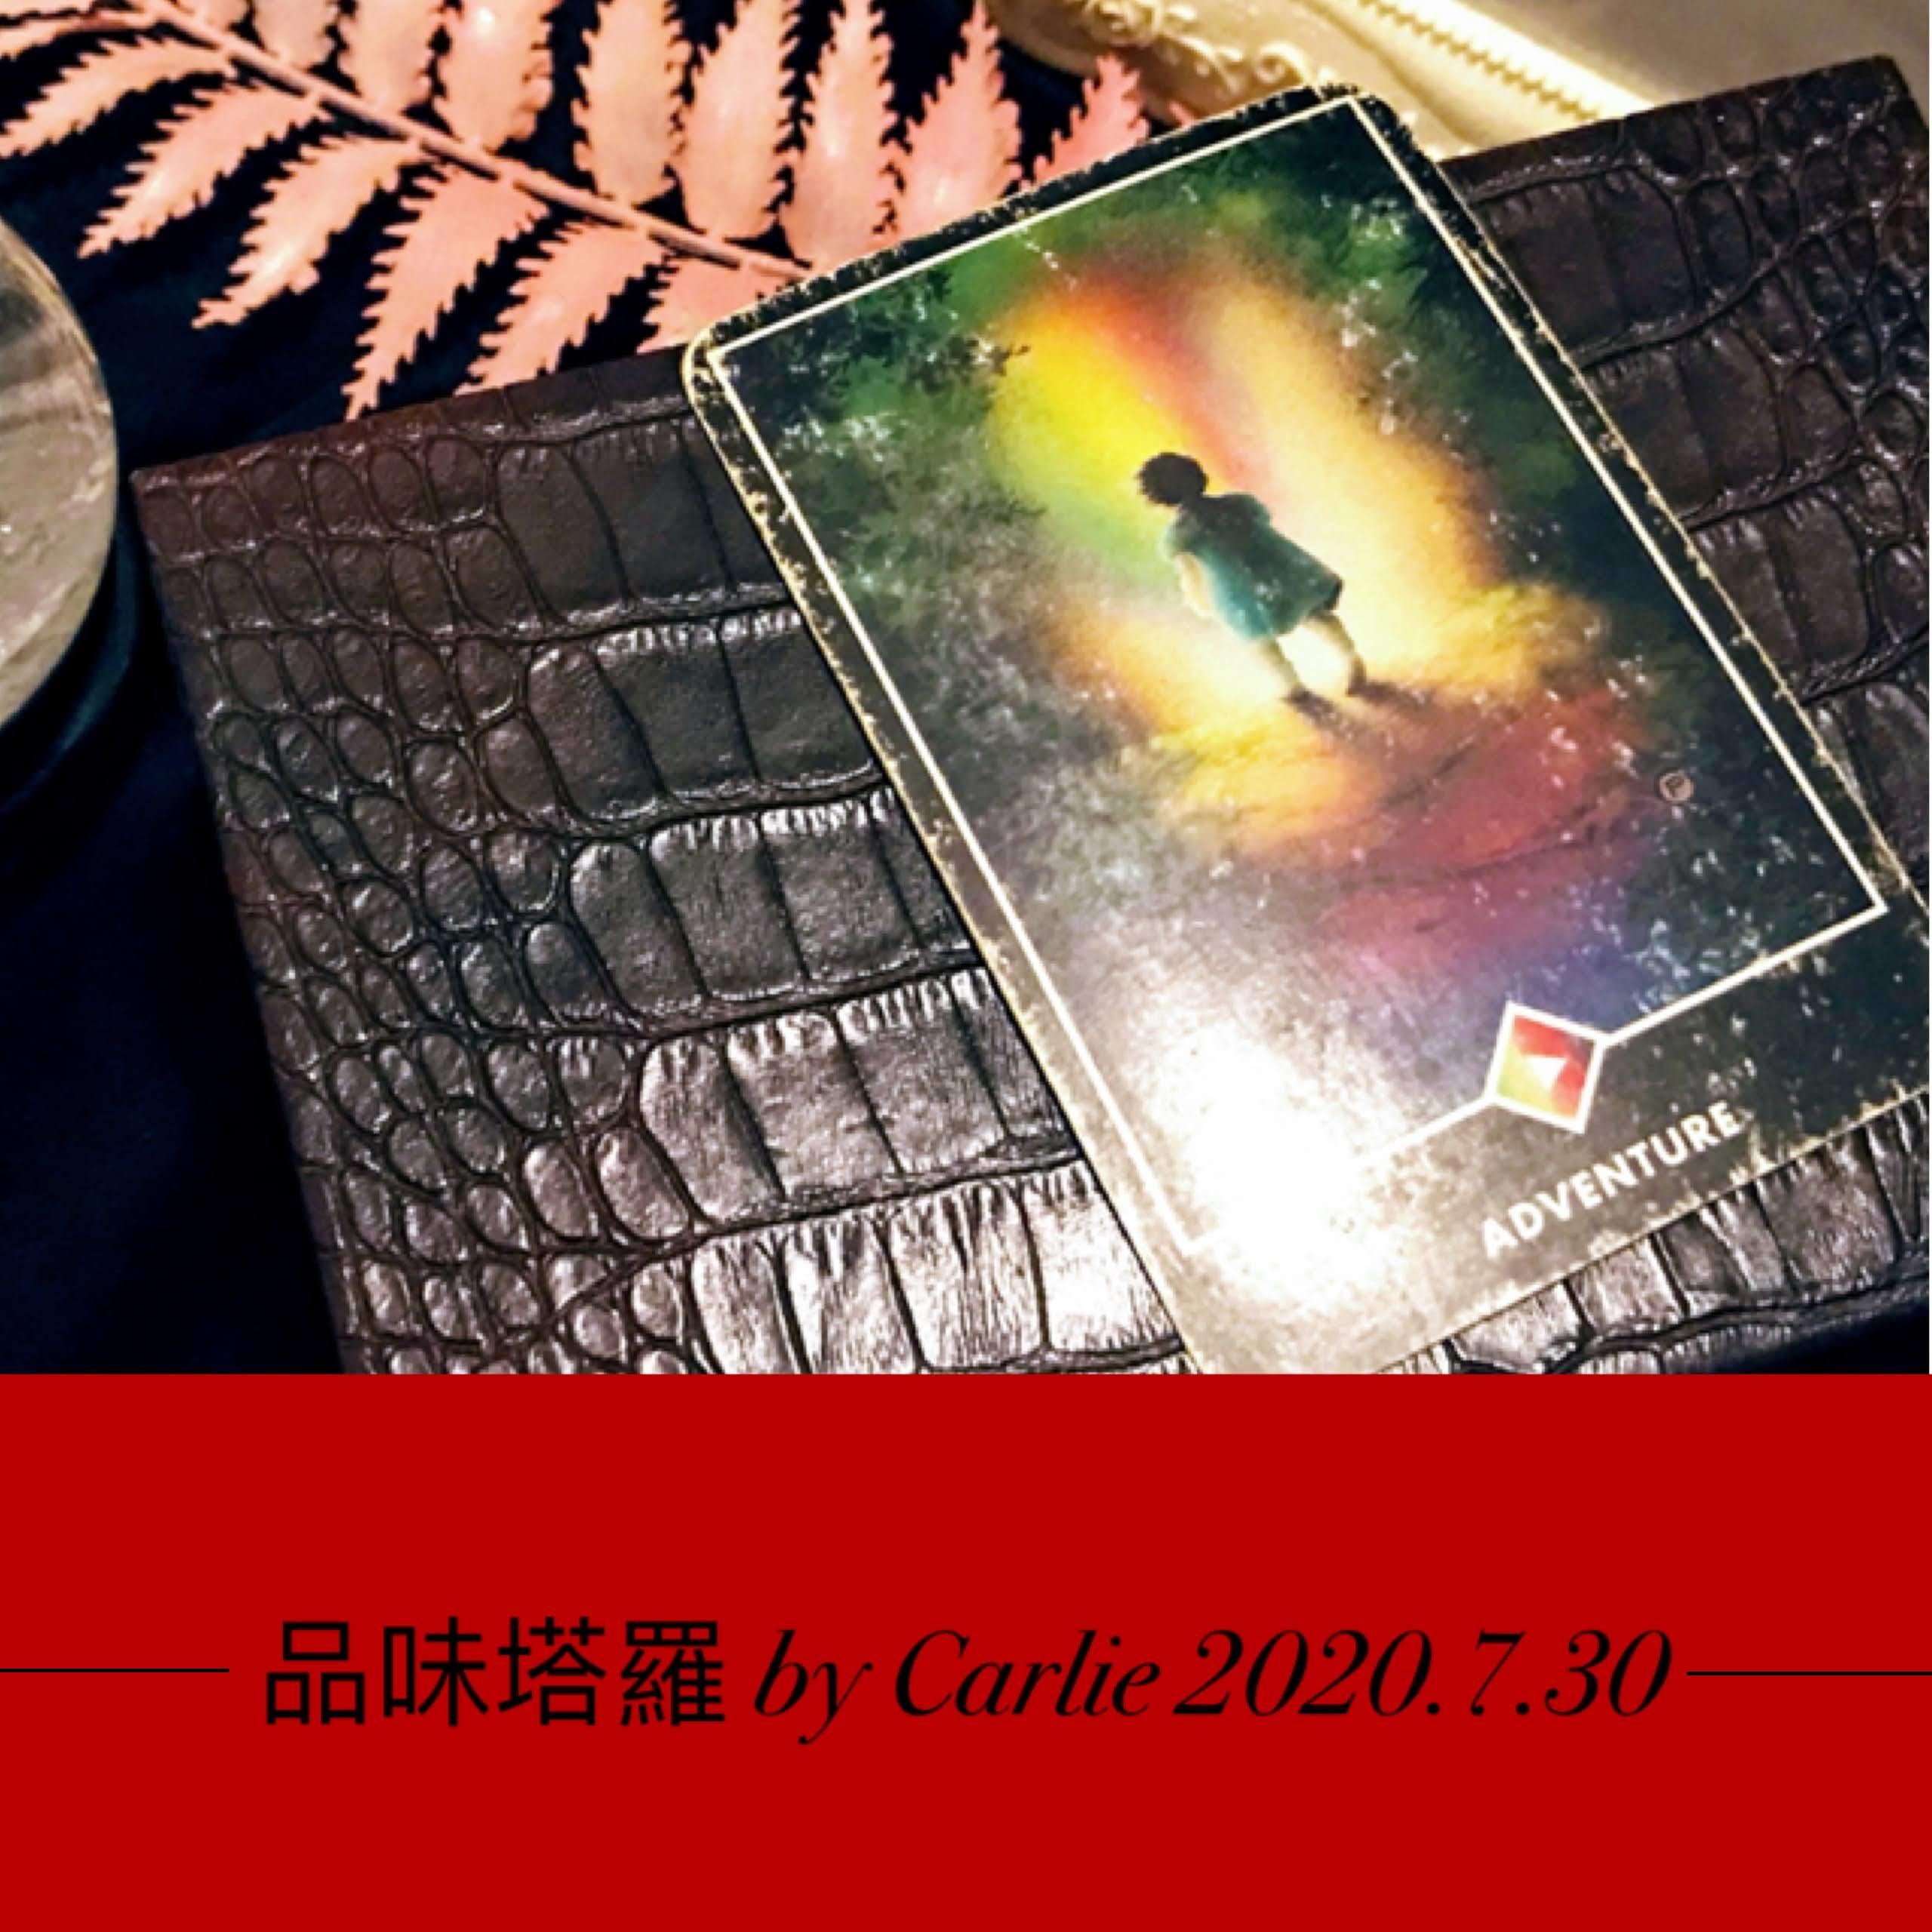 自由嘗試冒險香港塔羅奧修禪卡carlie angel circle hong kong Osho Zen Tarot adventure